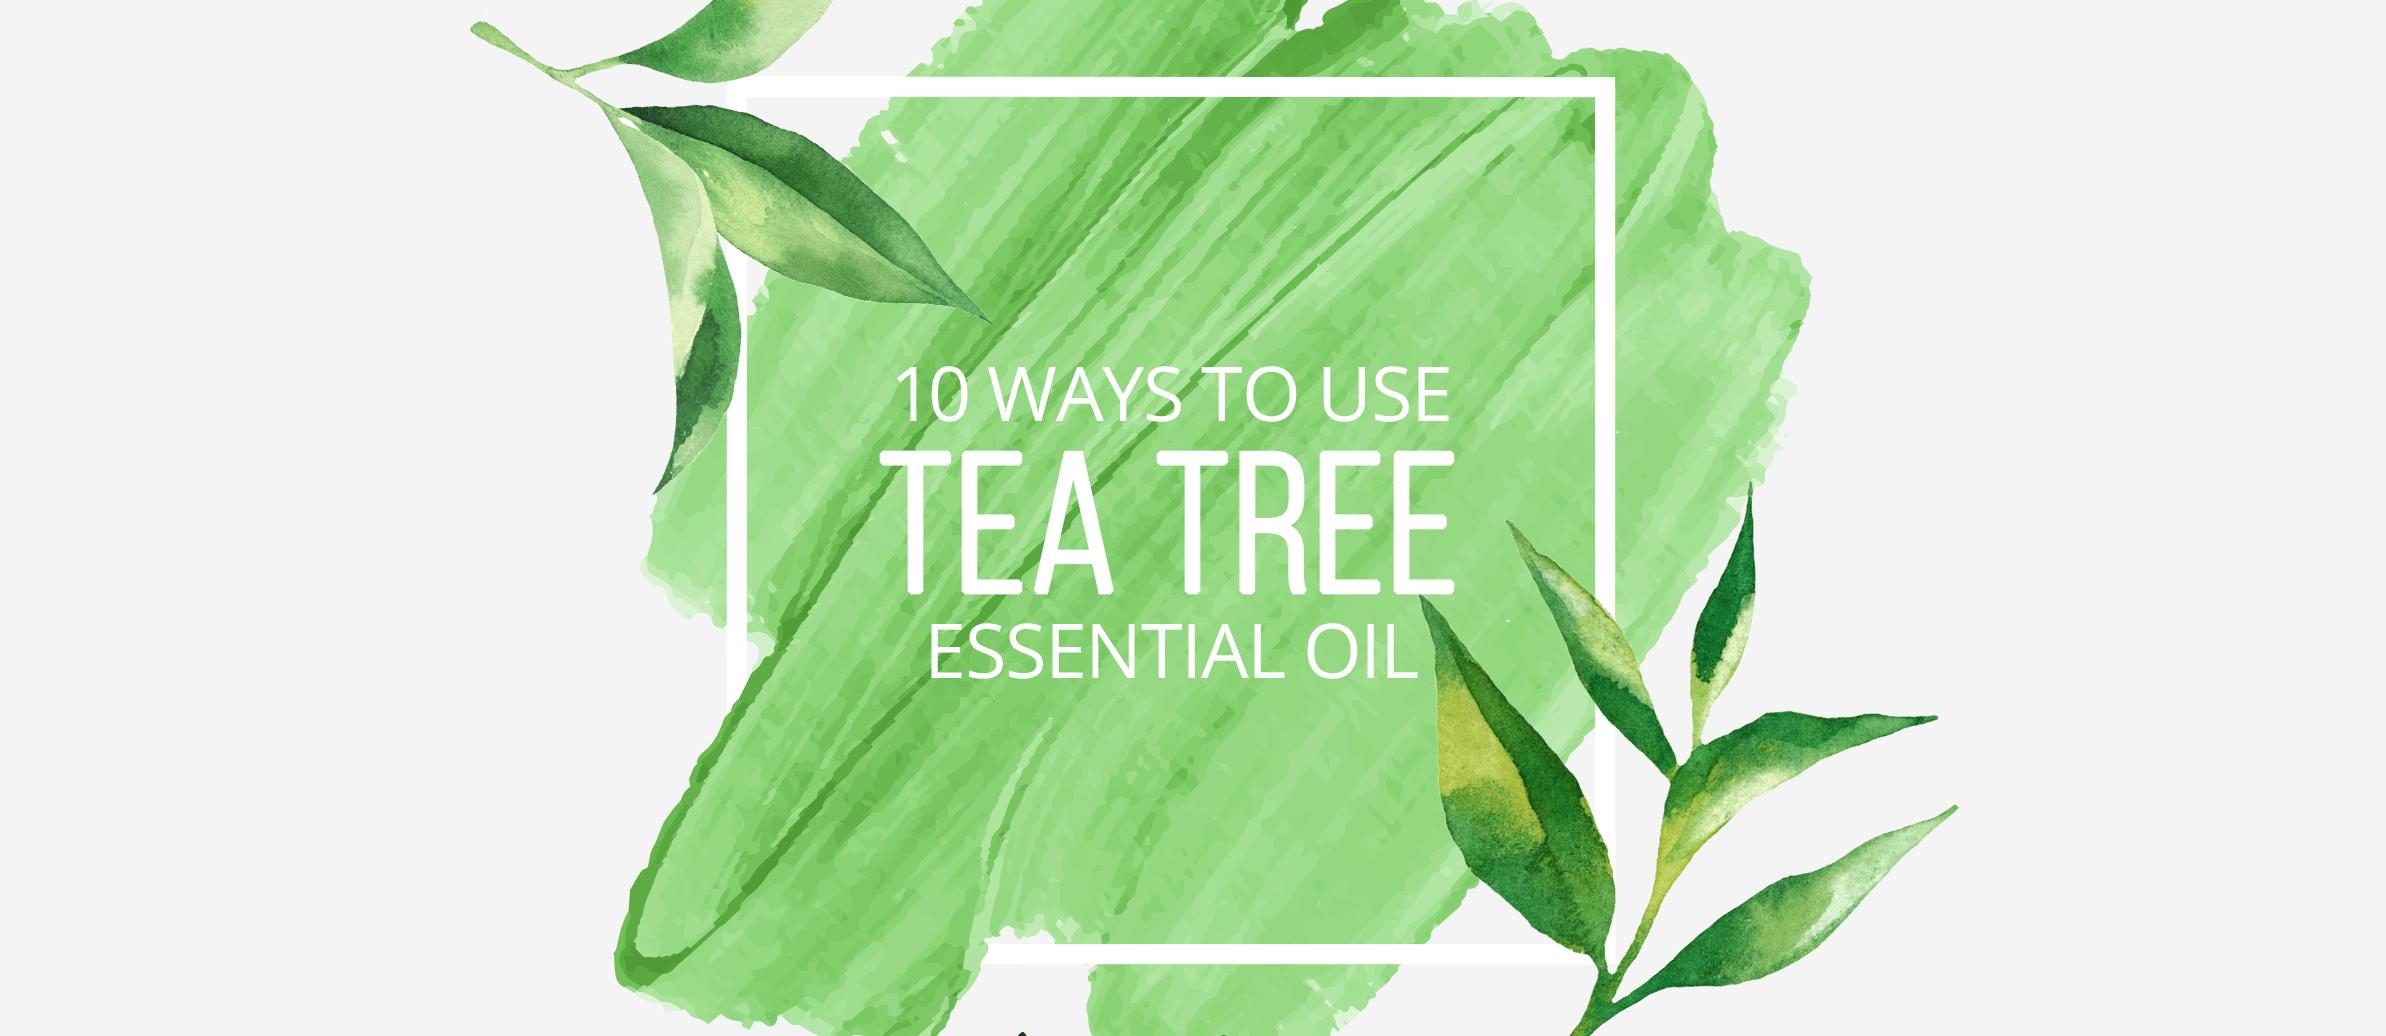 10 Ways to Use Tea Tree Essential Oil - Lindsey Elmore